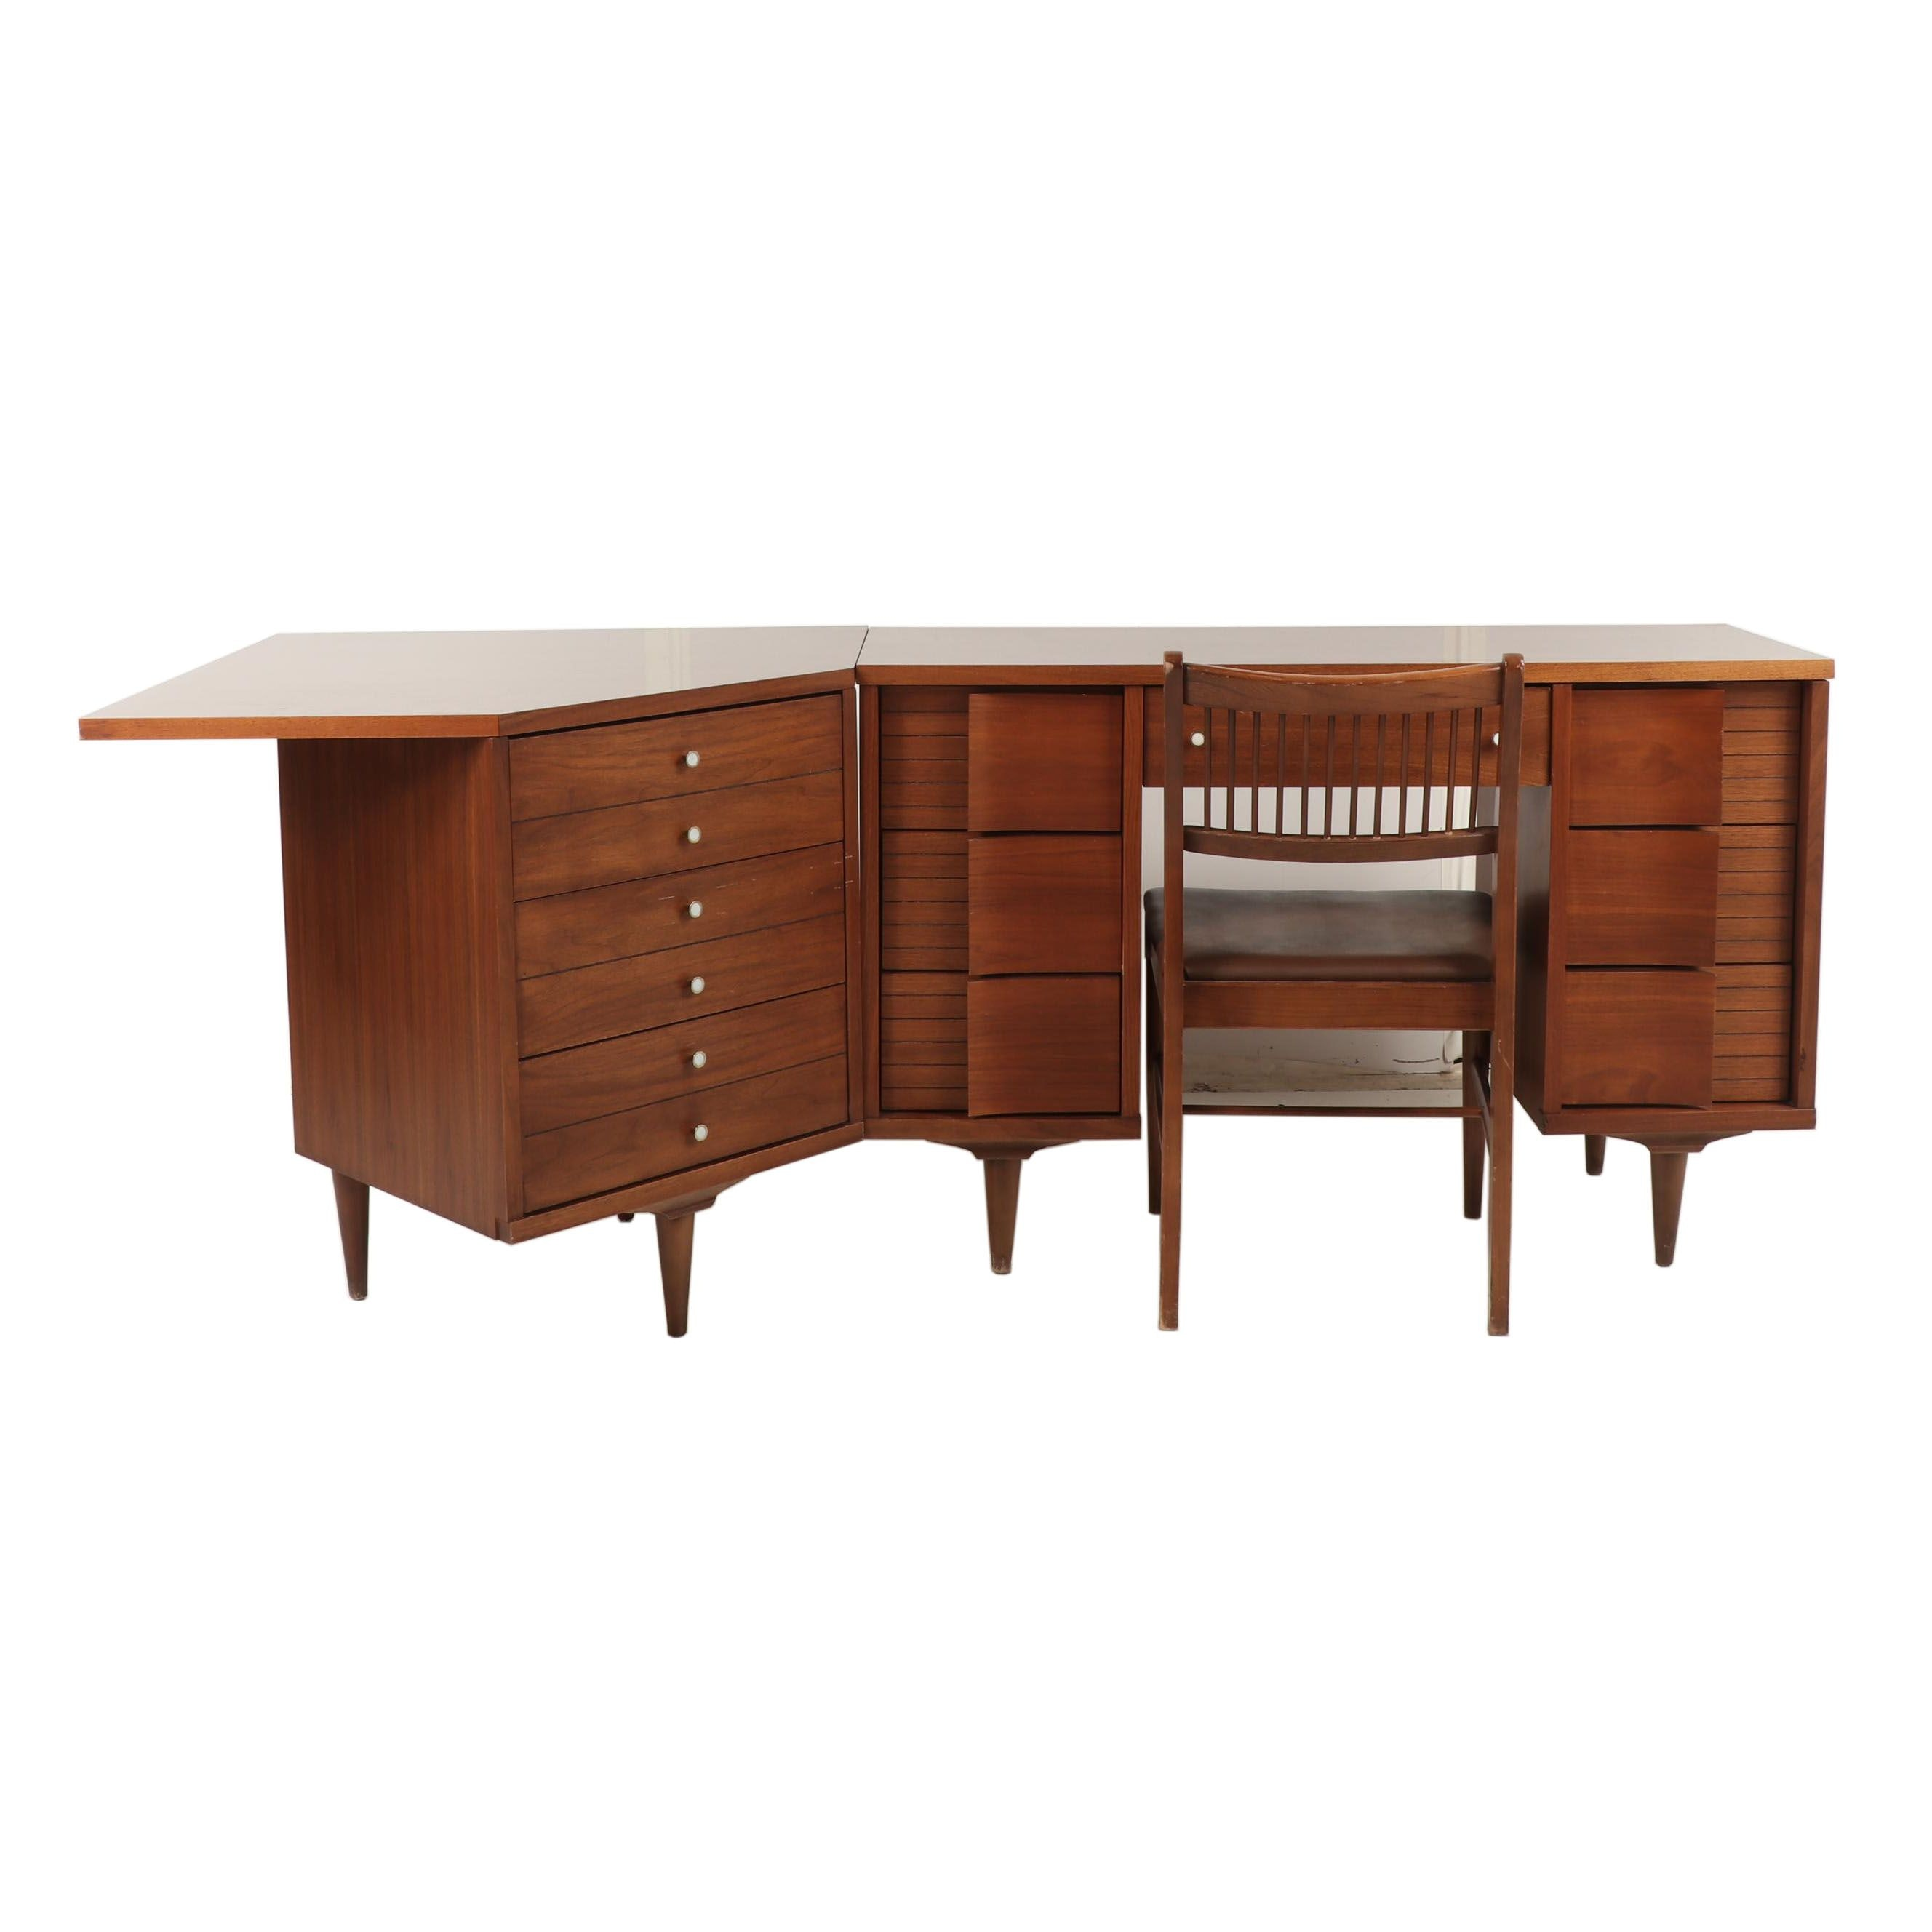 Wooden Corner Desk with Chair, Mid Century Modern